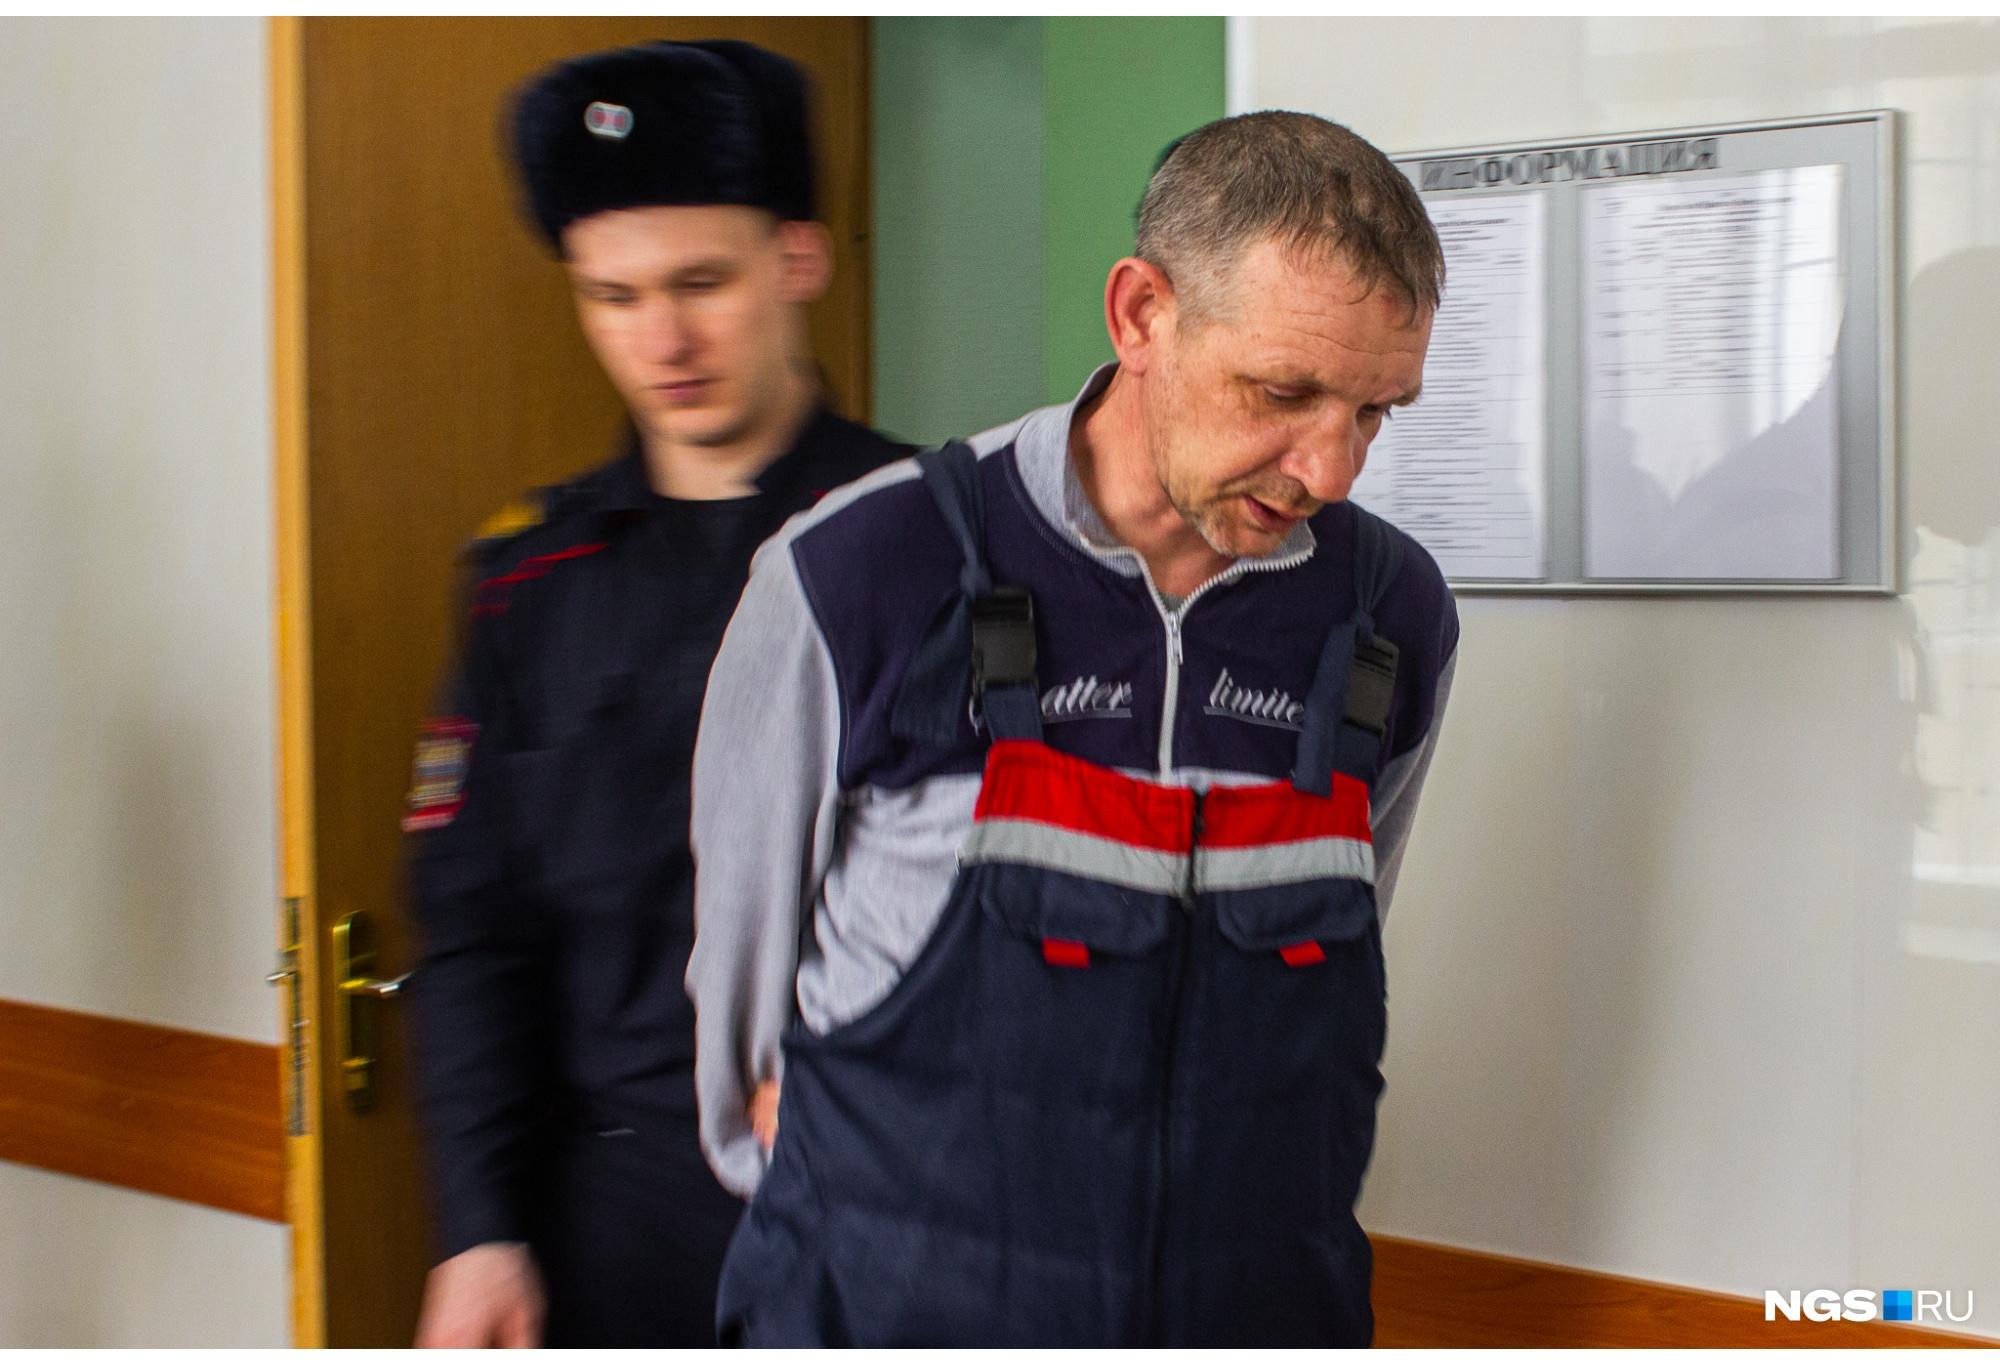 Станислава подозревают в незаконном удержании жены в магазине